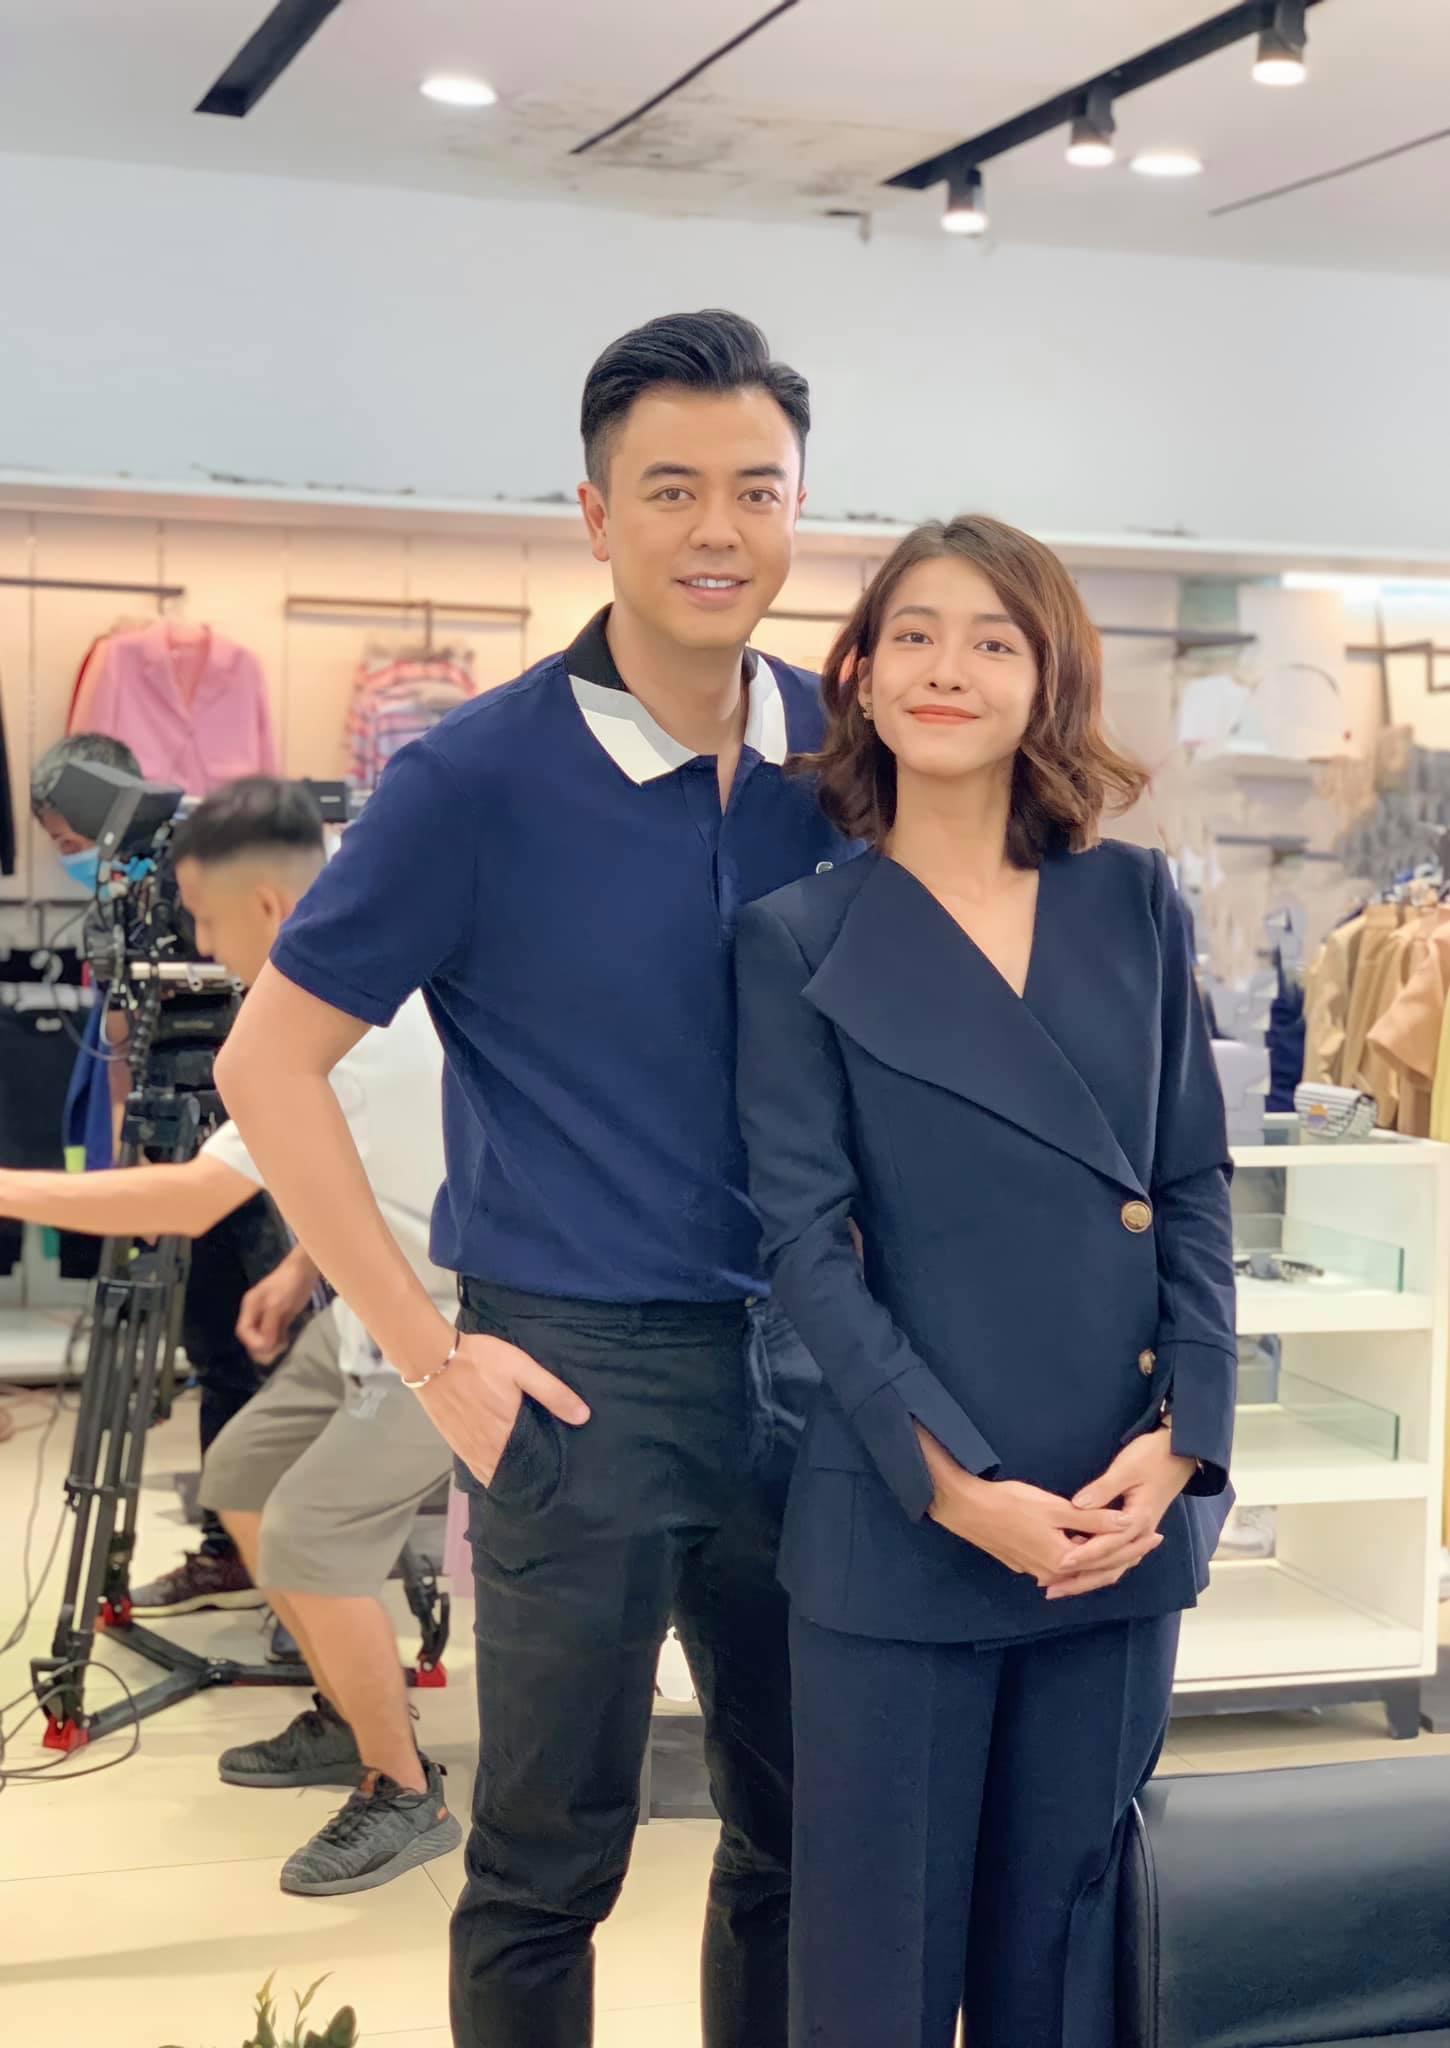 11 tháng 5 ngày: Xem lại loạt ảnh đẹp đưa tiễn cuộc tình Nhi - Thuận, Tuấn Tú hé lộ còn quay trở lại chưa hết vai - Ảnh 4.